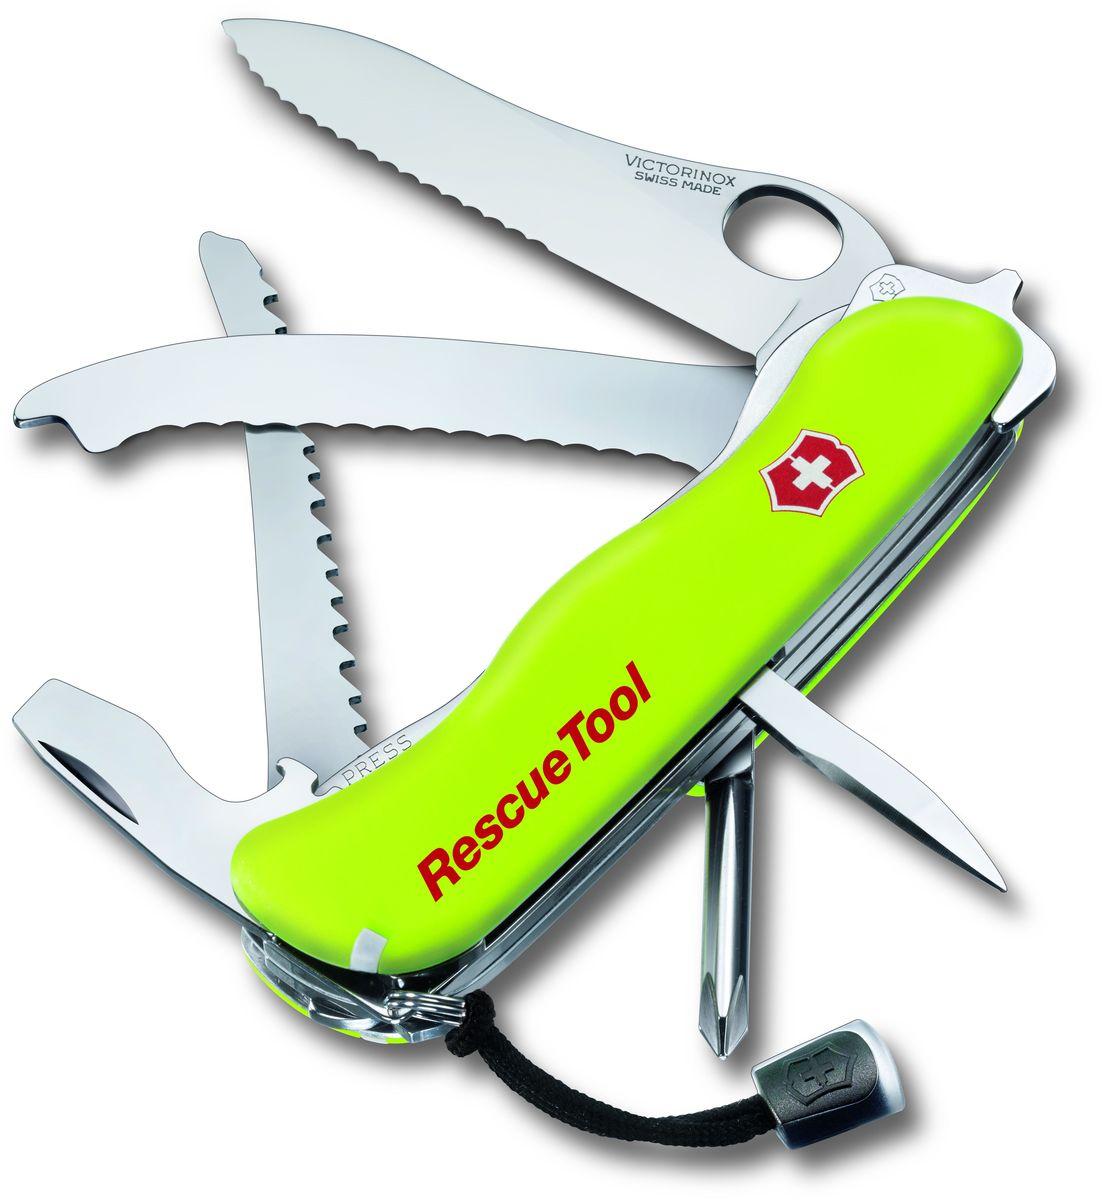 Нож перочинный Victorinox Rescue Tool, 14 функций, с чехлом, длина 11,1 см0.8623.MWNЛезвие перочинного складного ножа Victorinox Rescue Tool изготовлено из высококачественной нержавеющей стали. Ручка, выполненная из прочного пластика, обеспечивает надежный и удобный хват.Хорошее качество, надежный долговечный материал и эргономичная рукоятка - что может быть удобнее на природе или на пикнике!Функции ножа:- Большое фиксирующееся лезвие, открывающееся одной рукой.- Крестовая отвертка.- Консервный нож с малой отверткой.- Открывалка для бутылок с отверткой.- Инструмент для снятия изоляции.- Стропорез. - Шило, кернер.- Кольцо для ключей.- Пинцет.- Зубочистка.- Пила по дереву.В набор входит текстильный чехол для ножа.